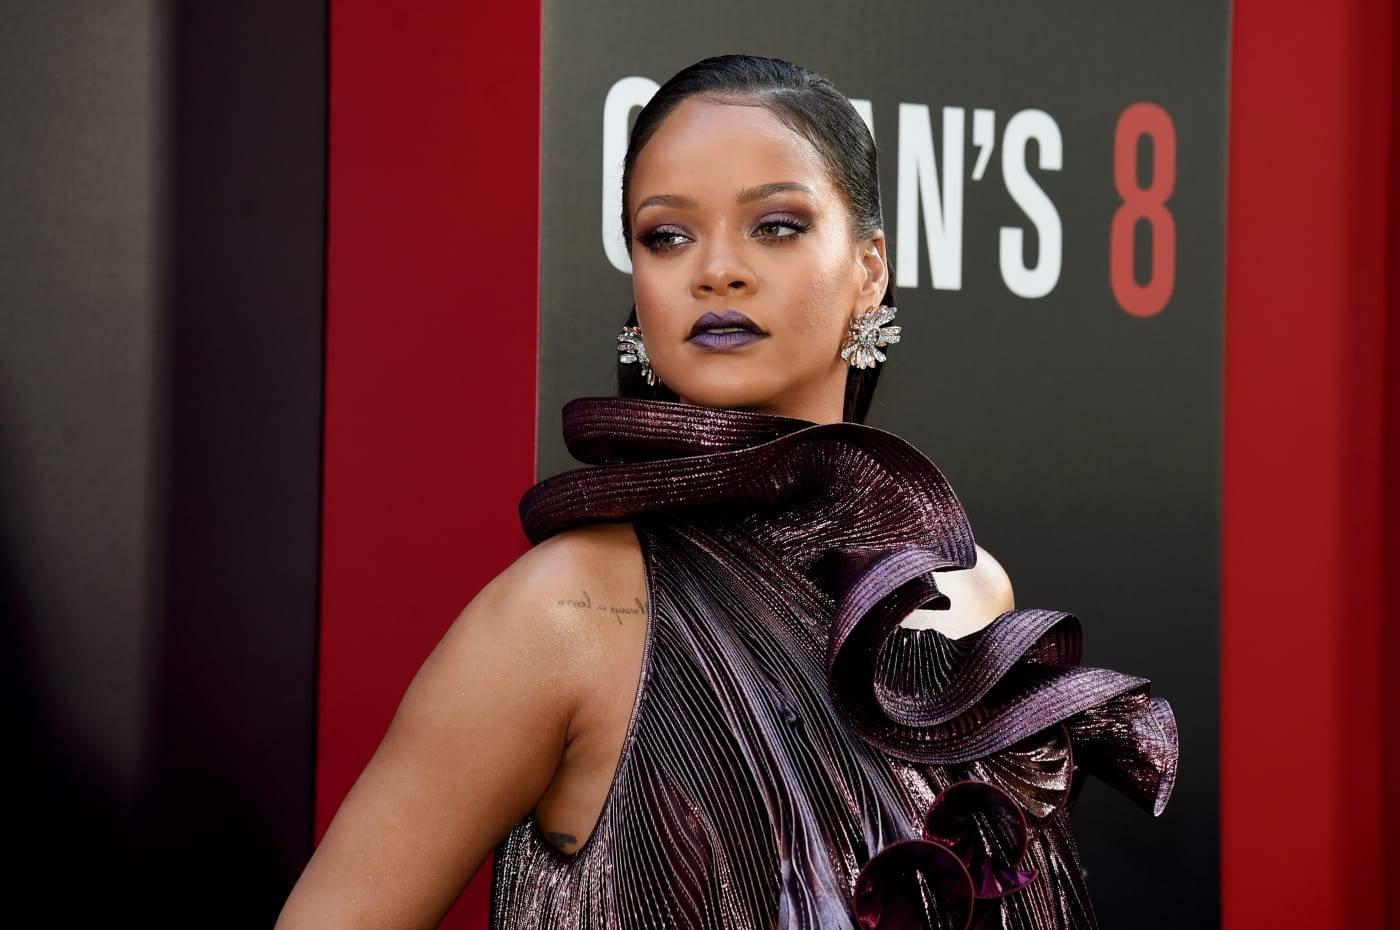 A nova marca de luxo deve ser lançada paralelamente ao novo album de Rihanna. (crédito: Reprodução/Jamie McCarthy/ Getty Images).